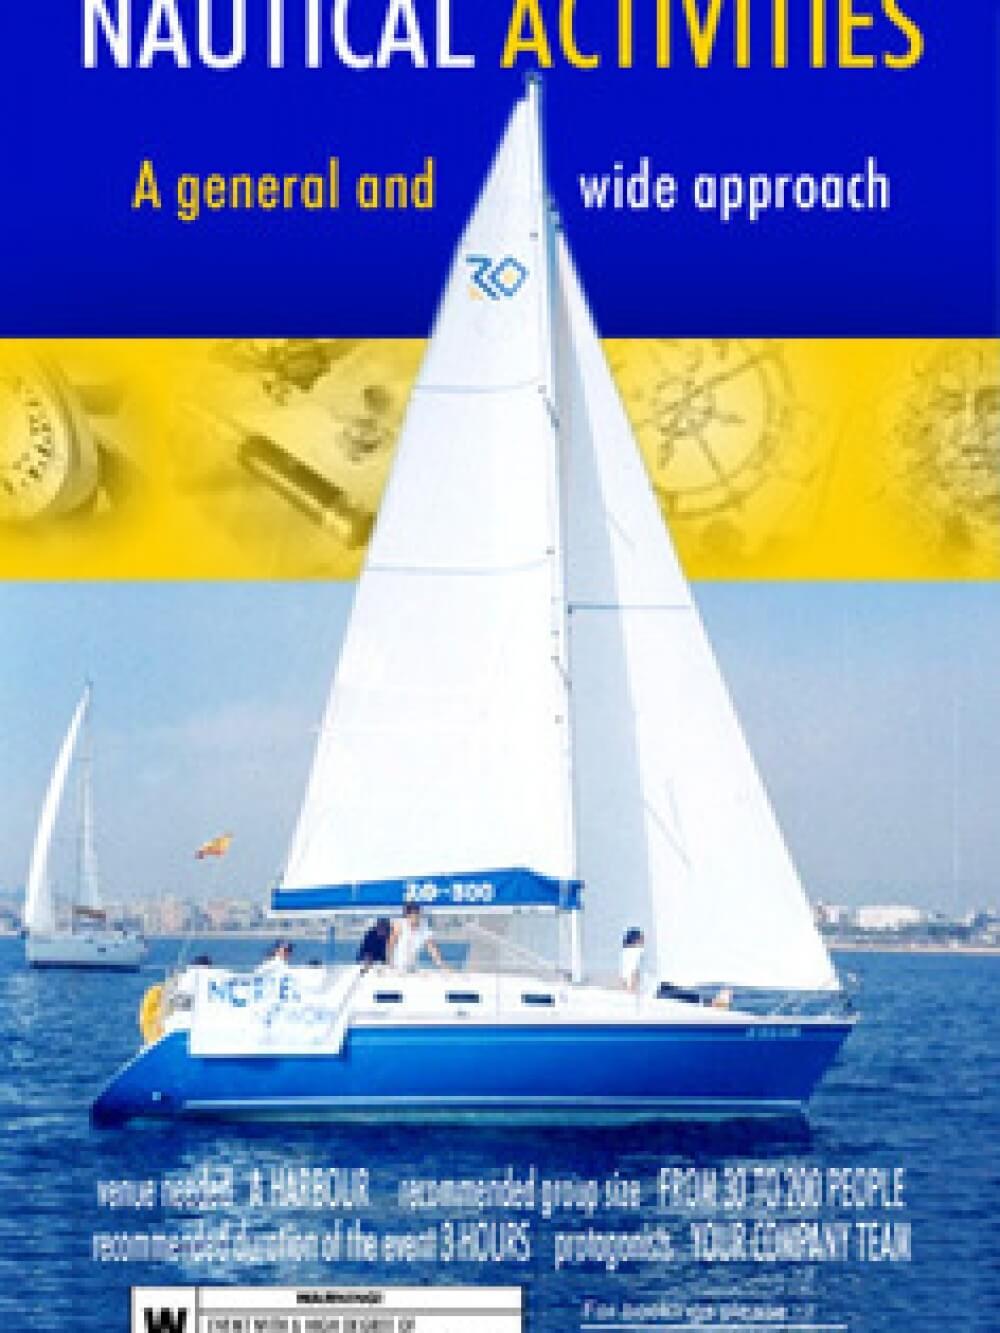 nautical_activities_vertical_web